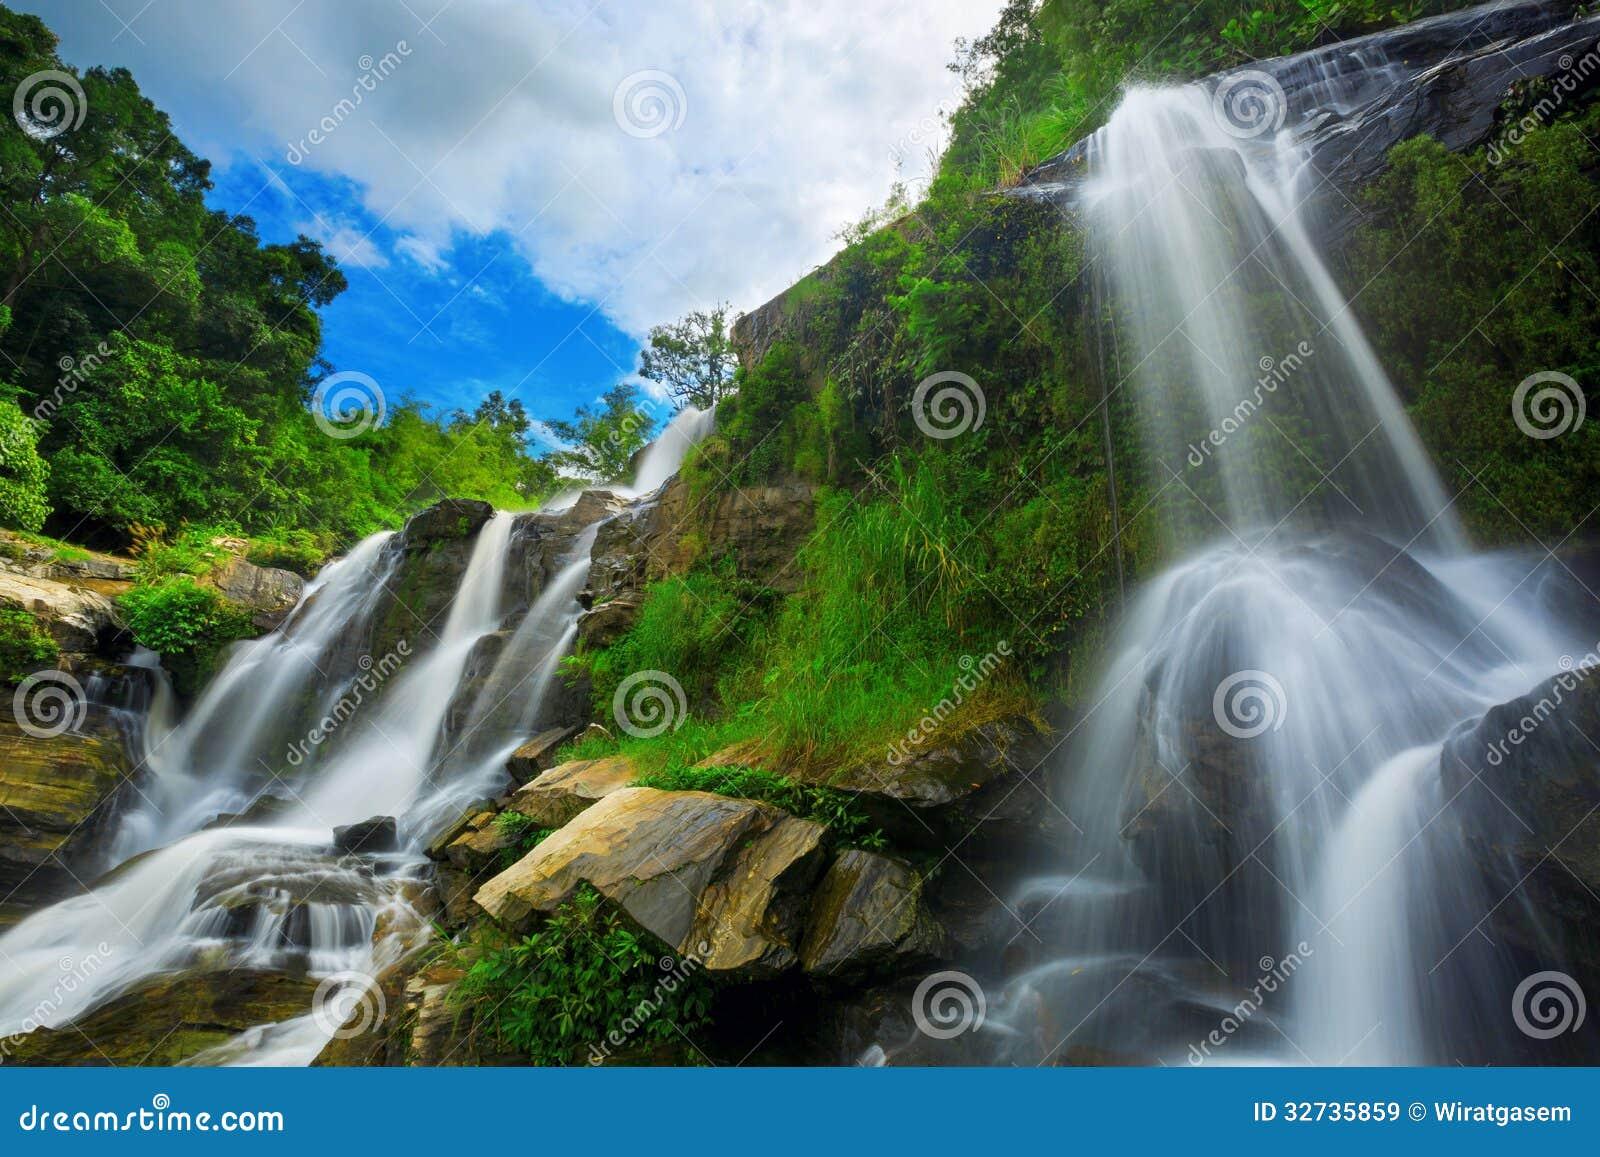 去泰国免筺(Y_瀑布在泰国国家公园. 免版税库存图片 - 图片